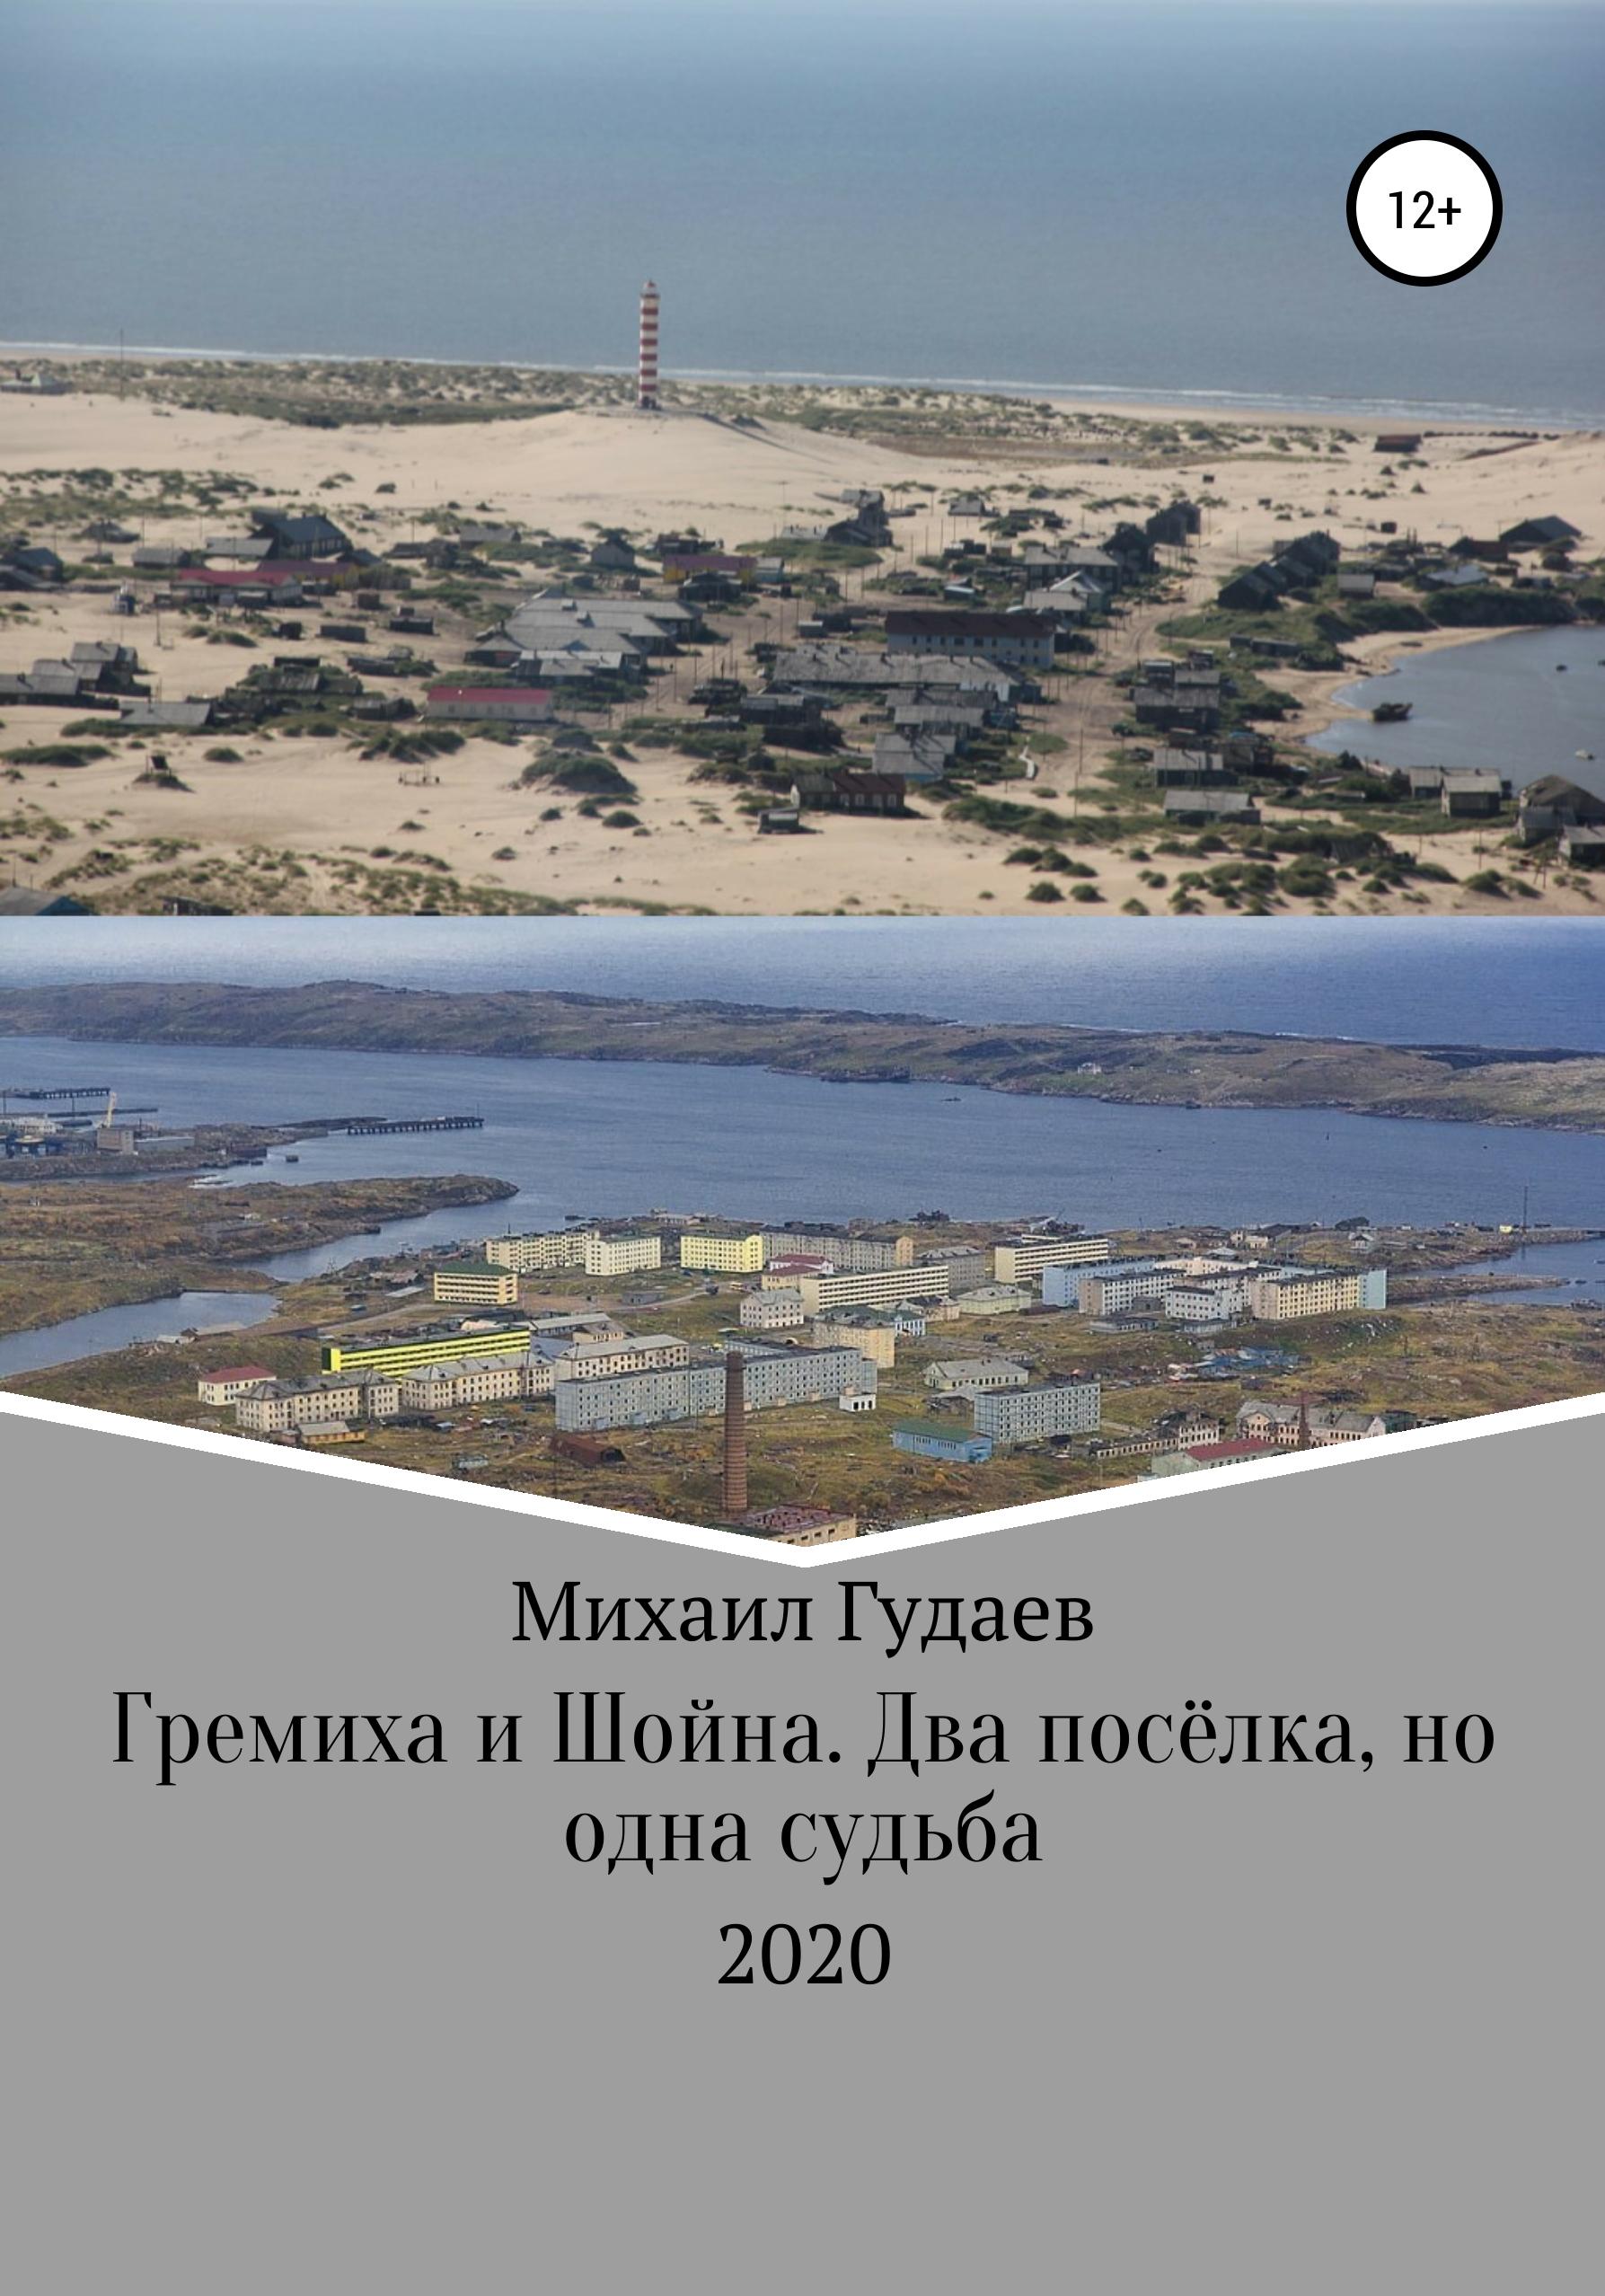 Купить книгу Гремиха и Шойна. Два посёлка, но одна судьба, автора Михаила Васильевича Гудаева